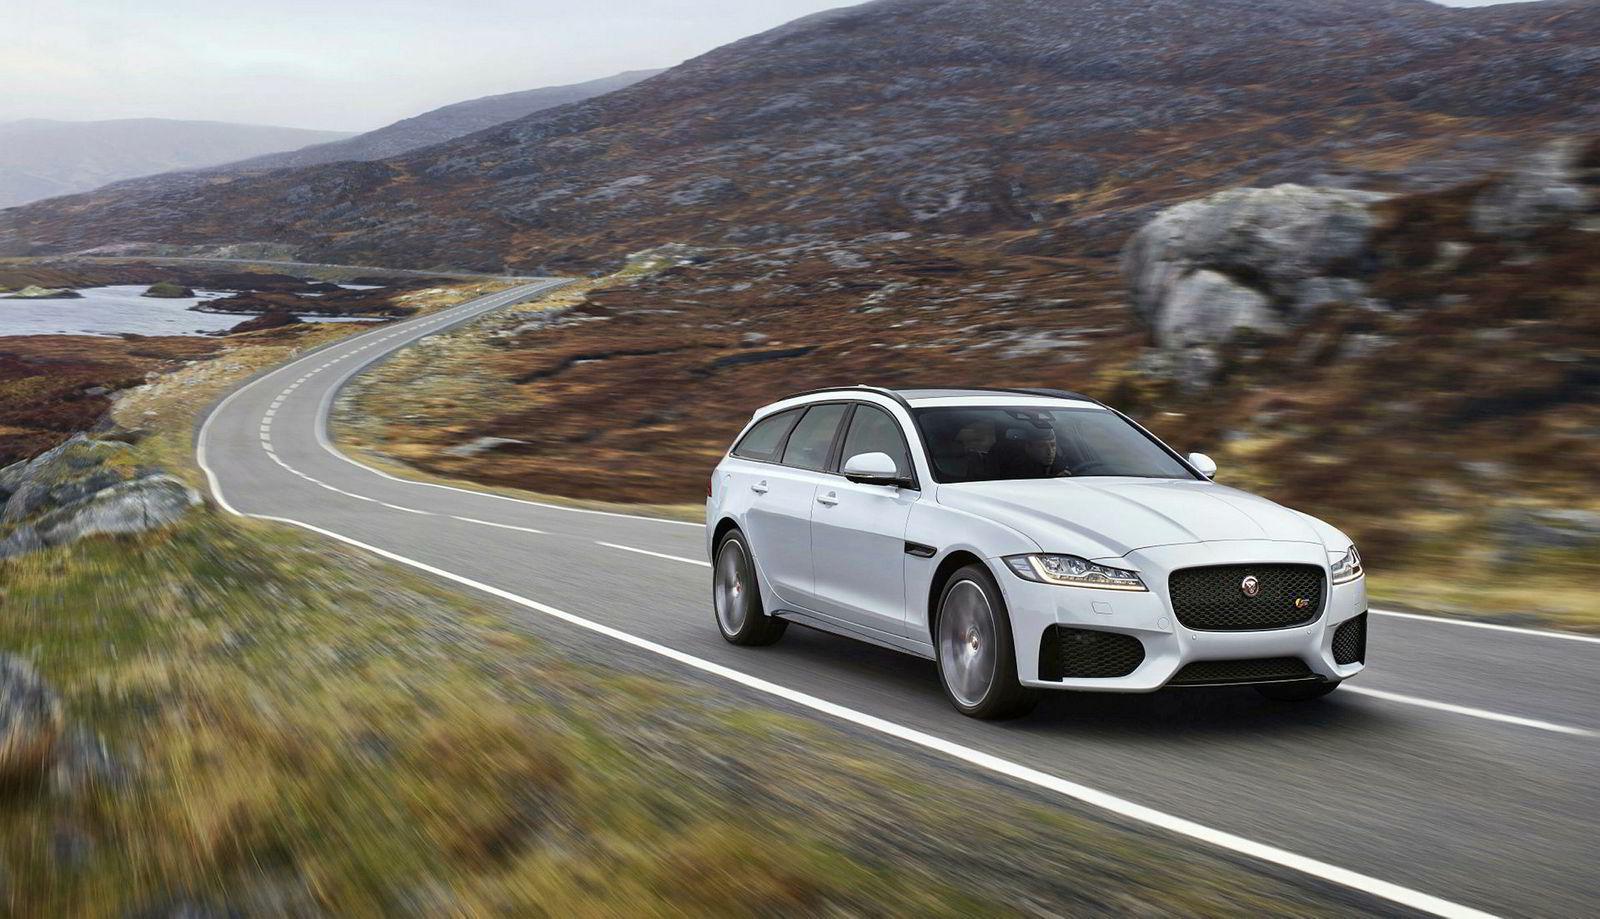 Jaguar har tatt pressebilder av nye XF Sportbrake i et landskap som kan minne om Norge, uten at vi har fått det bekreftet.